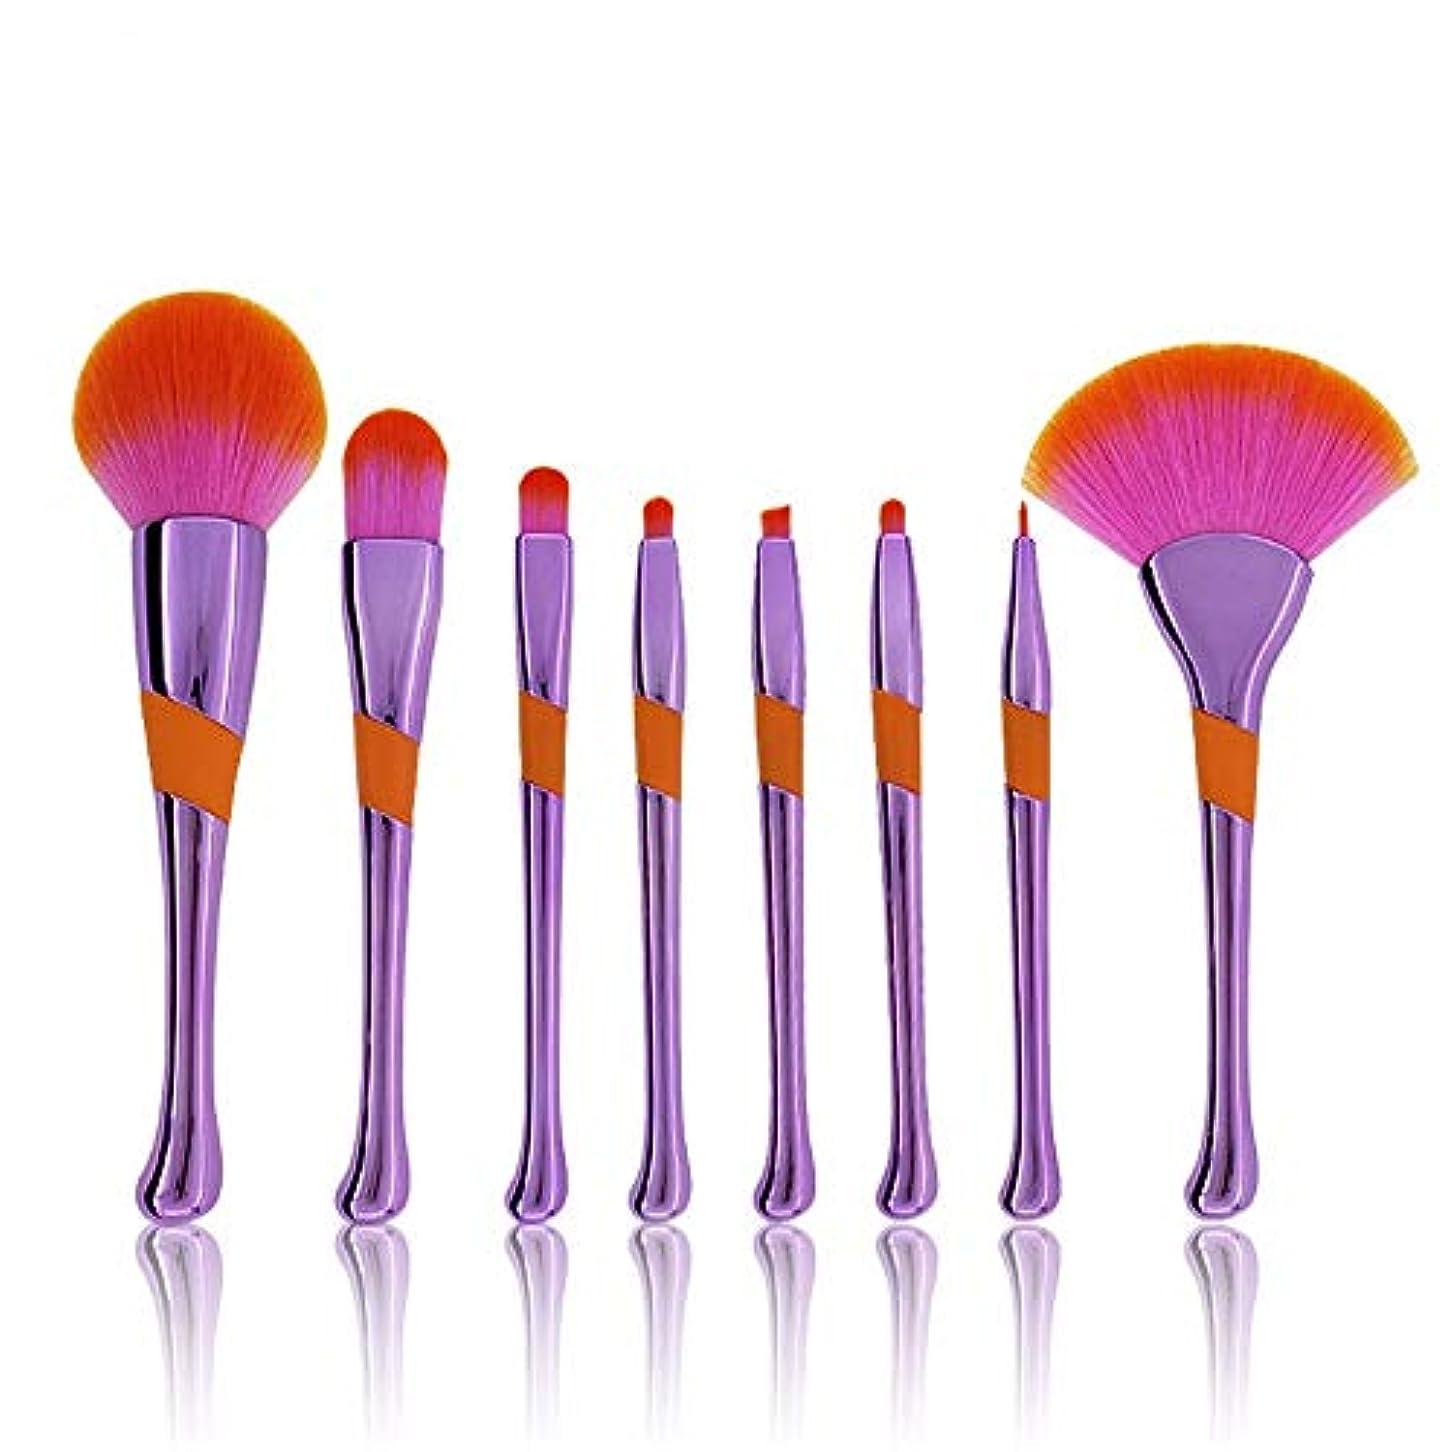 コンテンポラリー関係する提唱するCHANGYUXINTAI-HUAZHUANGSHUA 女の子ハートメイク8点セットブラシブラシブラシブラシブラシブラシブラシブラシブラシブラシブラシブラシブラシブラシブラシブラシセット (Color : Purple)